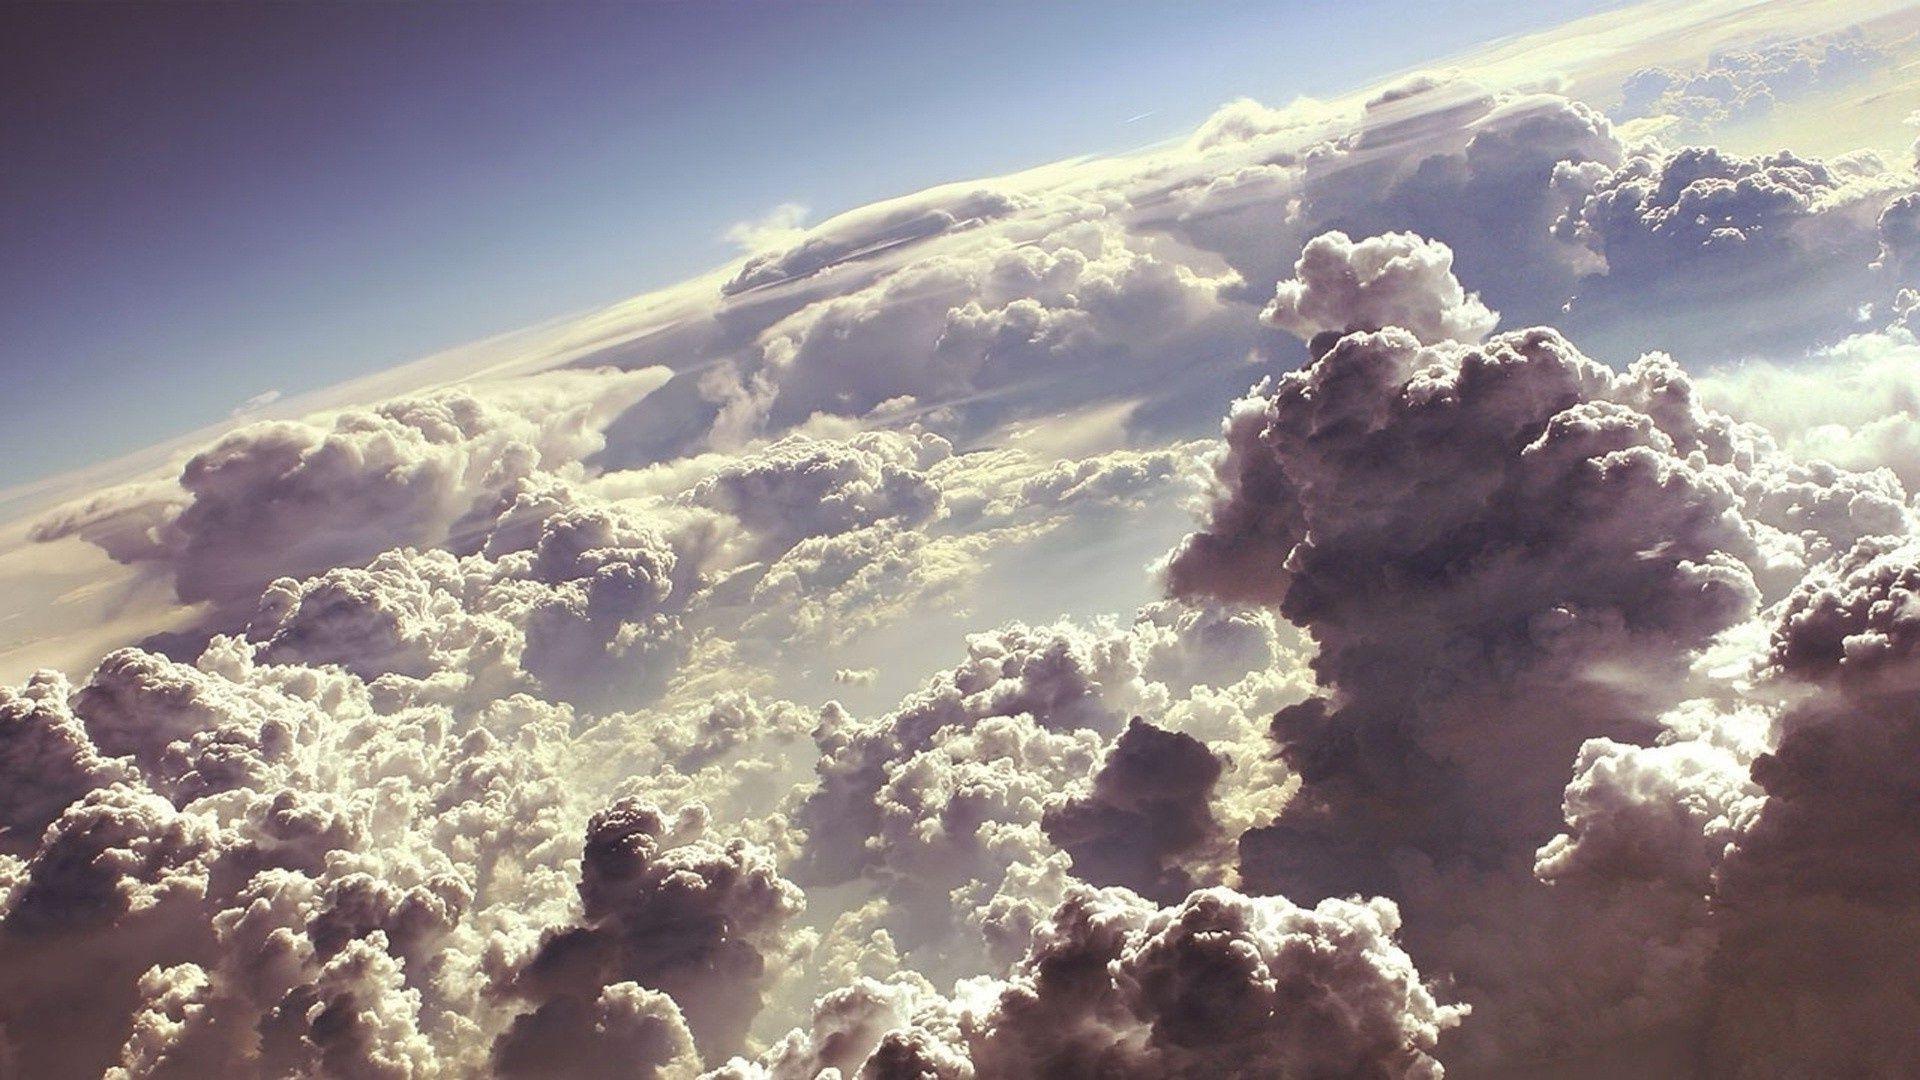 Heaven HD Wallpaper